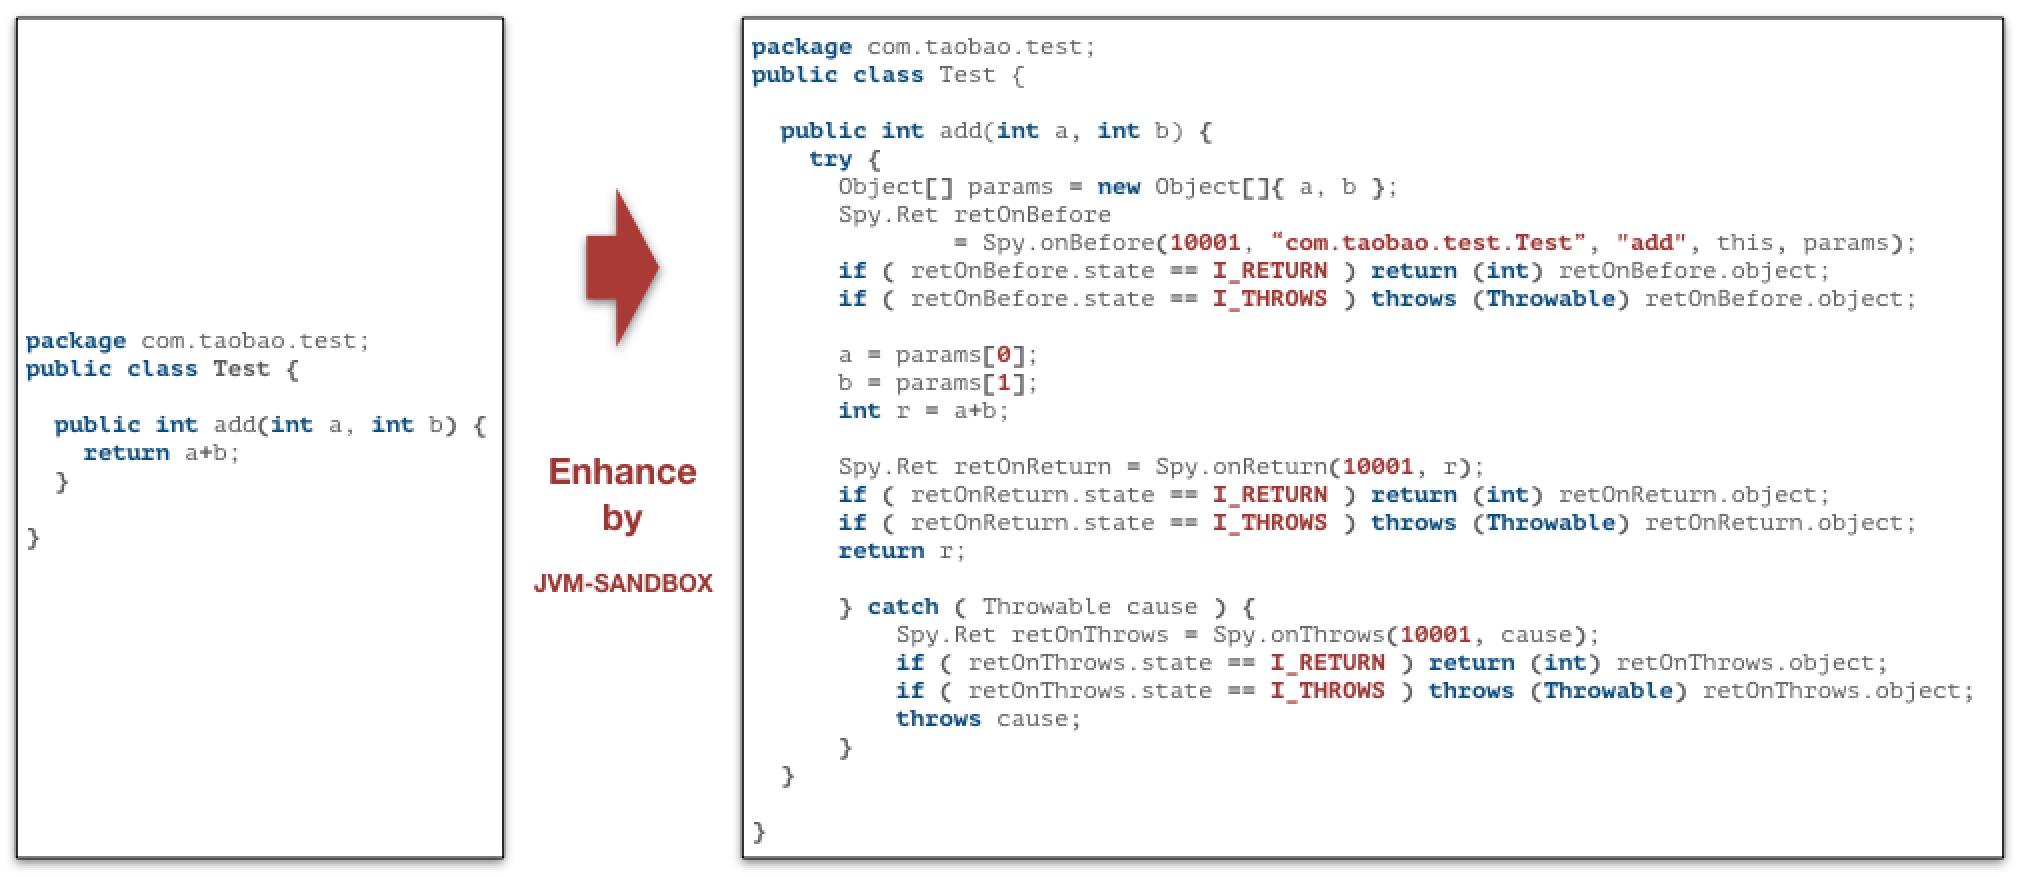 jvm-sandbox-enhance-class.jpg